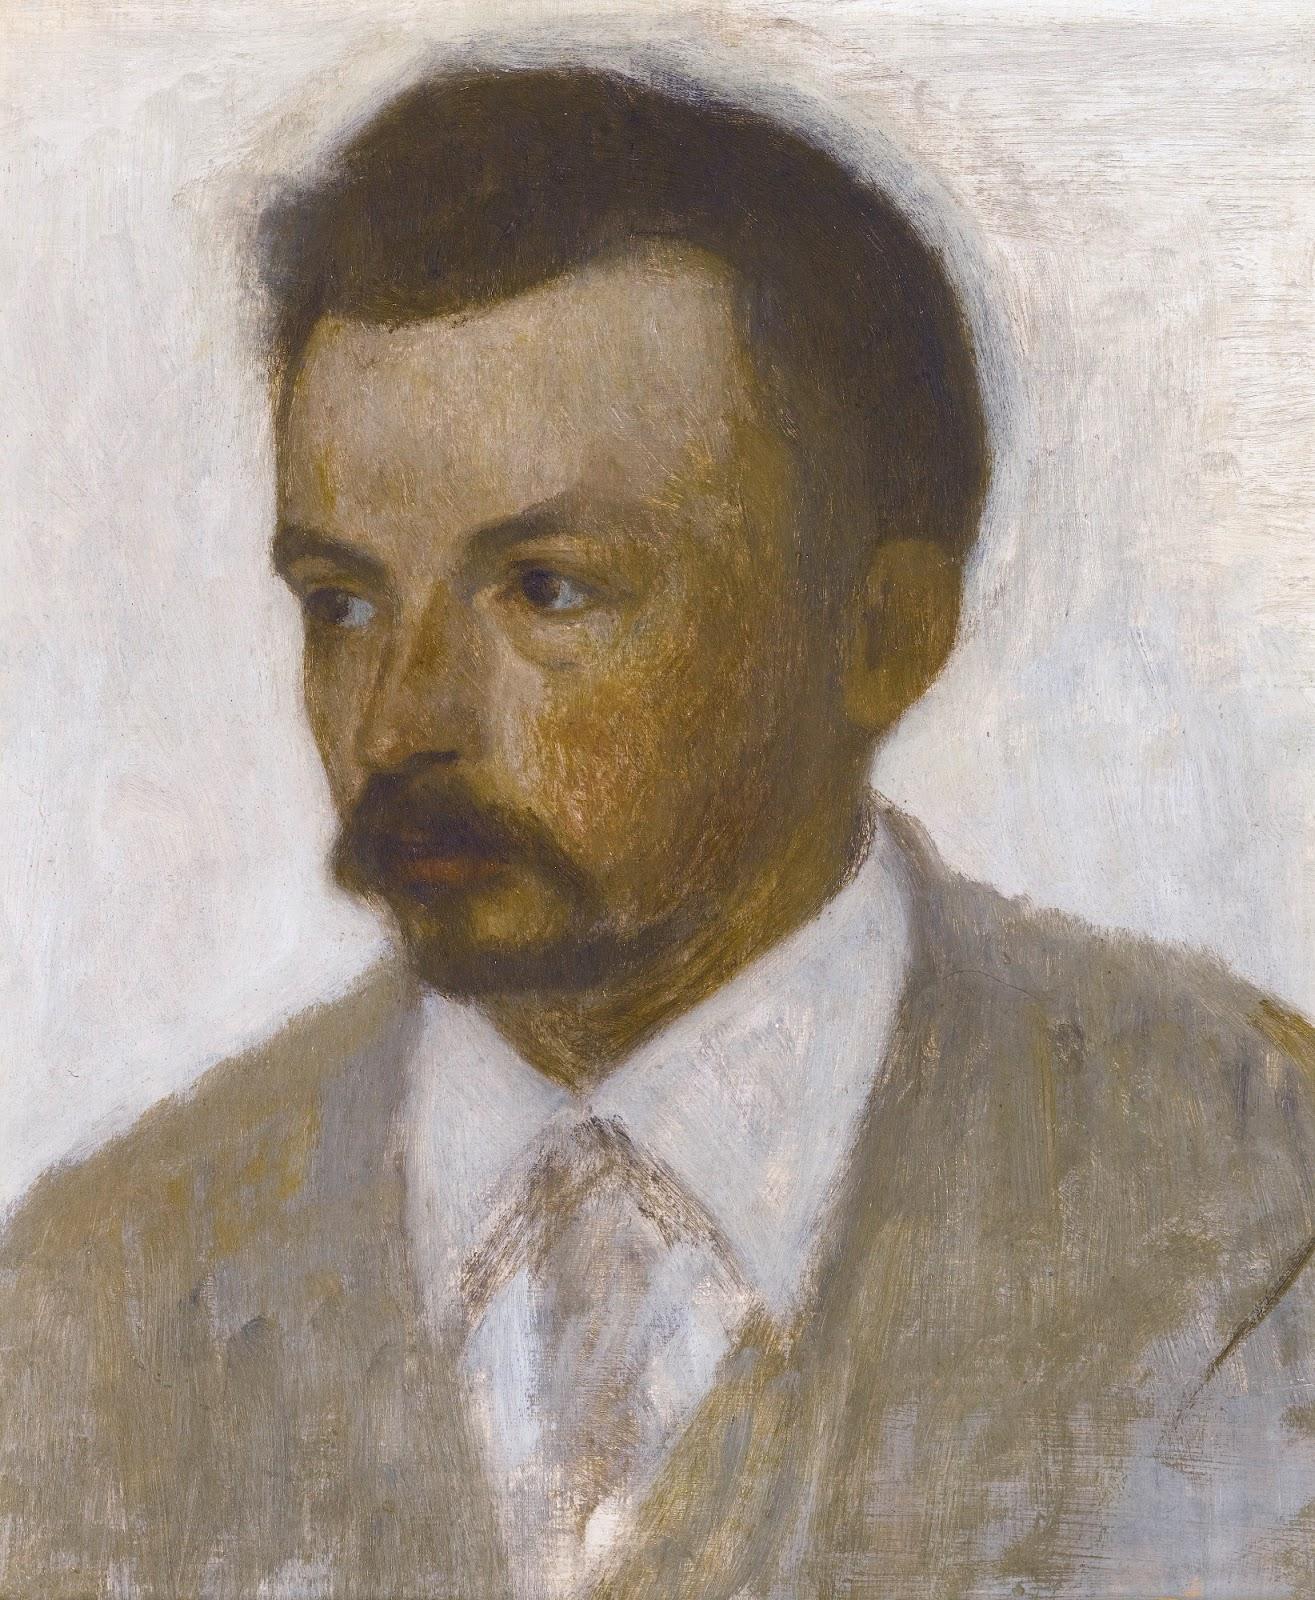 ヴィルヘルム・ハンマースホイの自画像